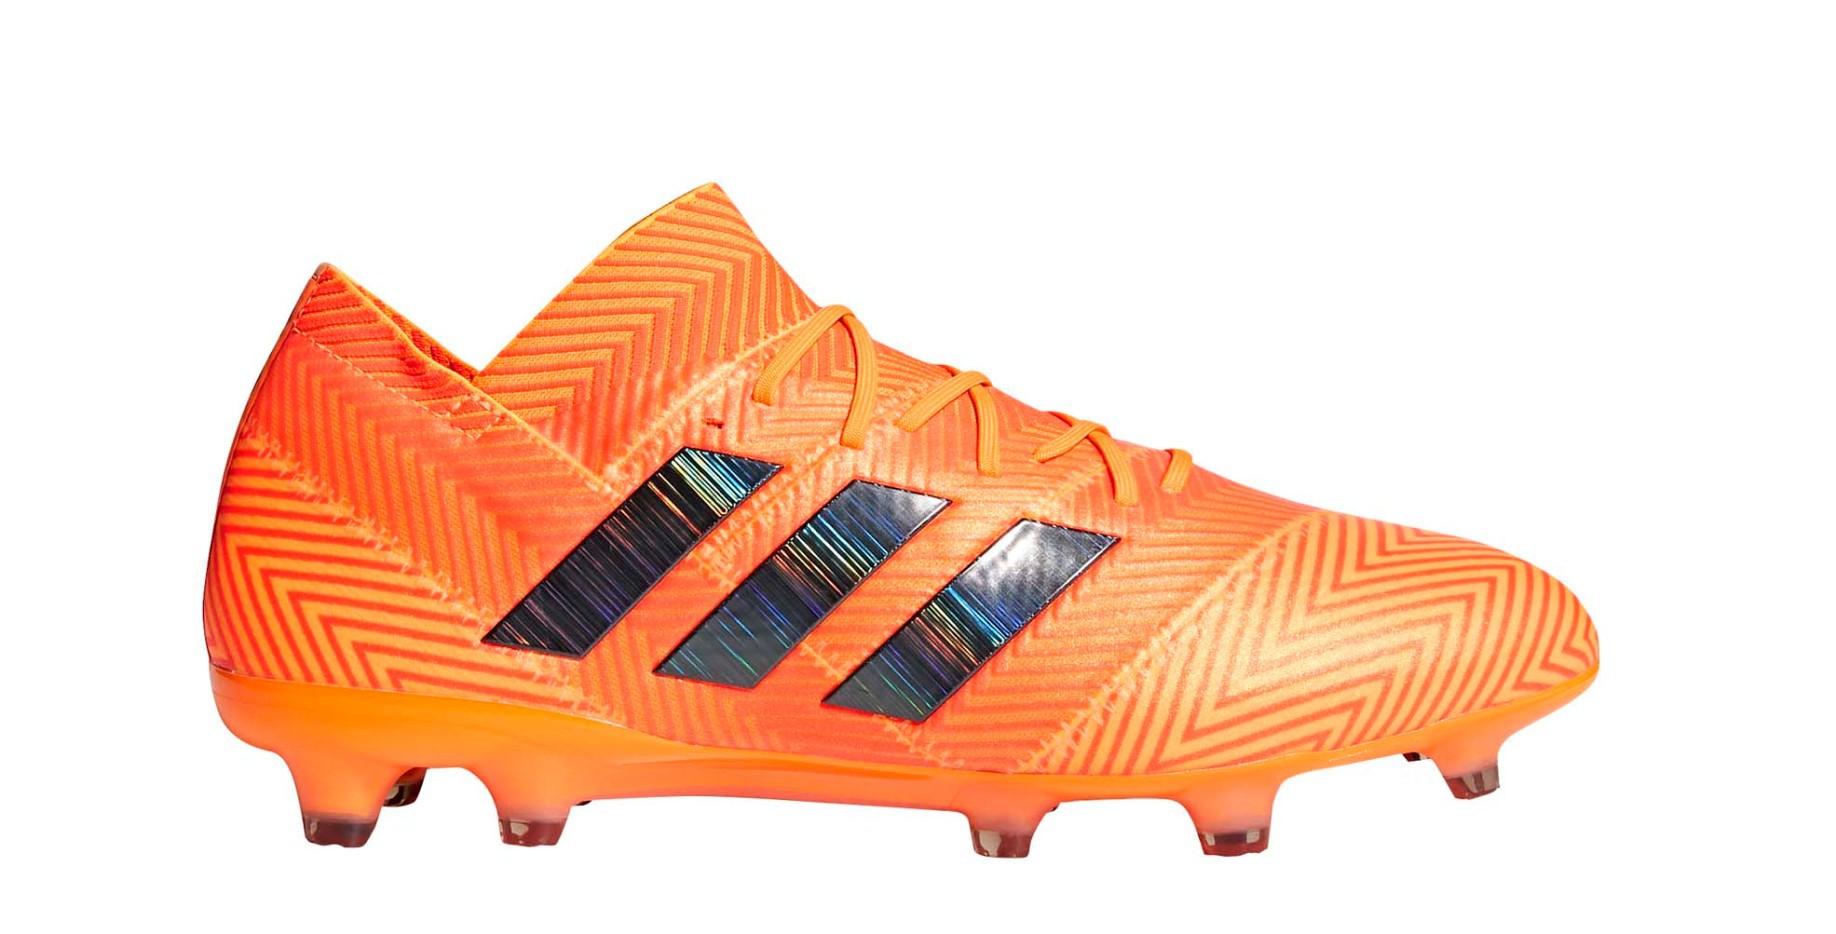 new style ebcba 1a1df Scarpe Calcio Adidas Nemeziz 18.1 FG Energy Mode Pack colore Arancio -  Adidas - SportIT.com